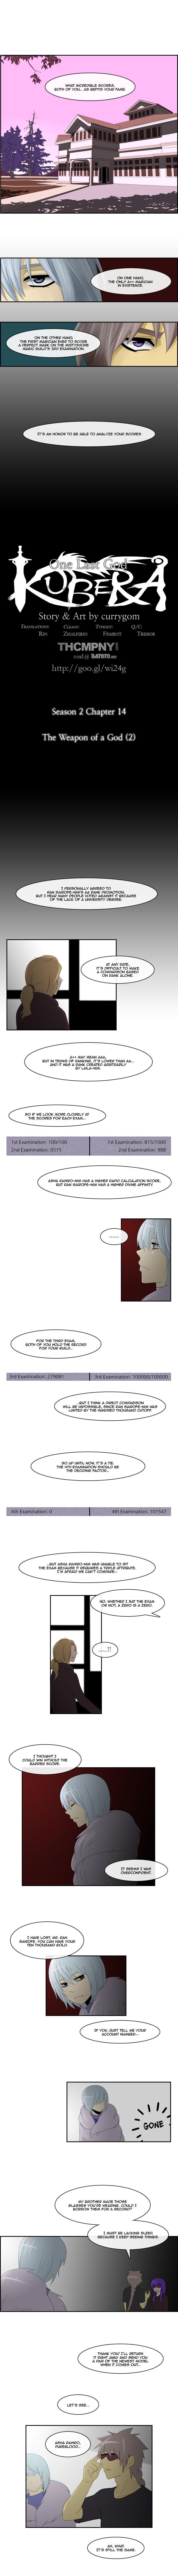 Kubera 116 Page 1